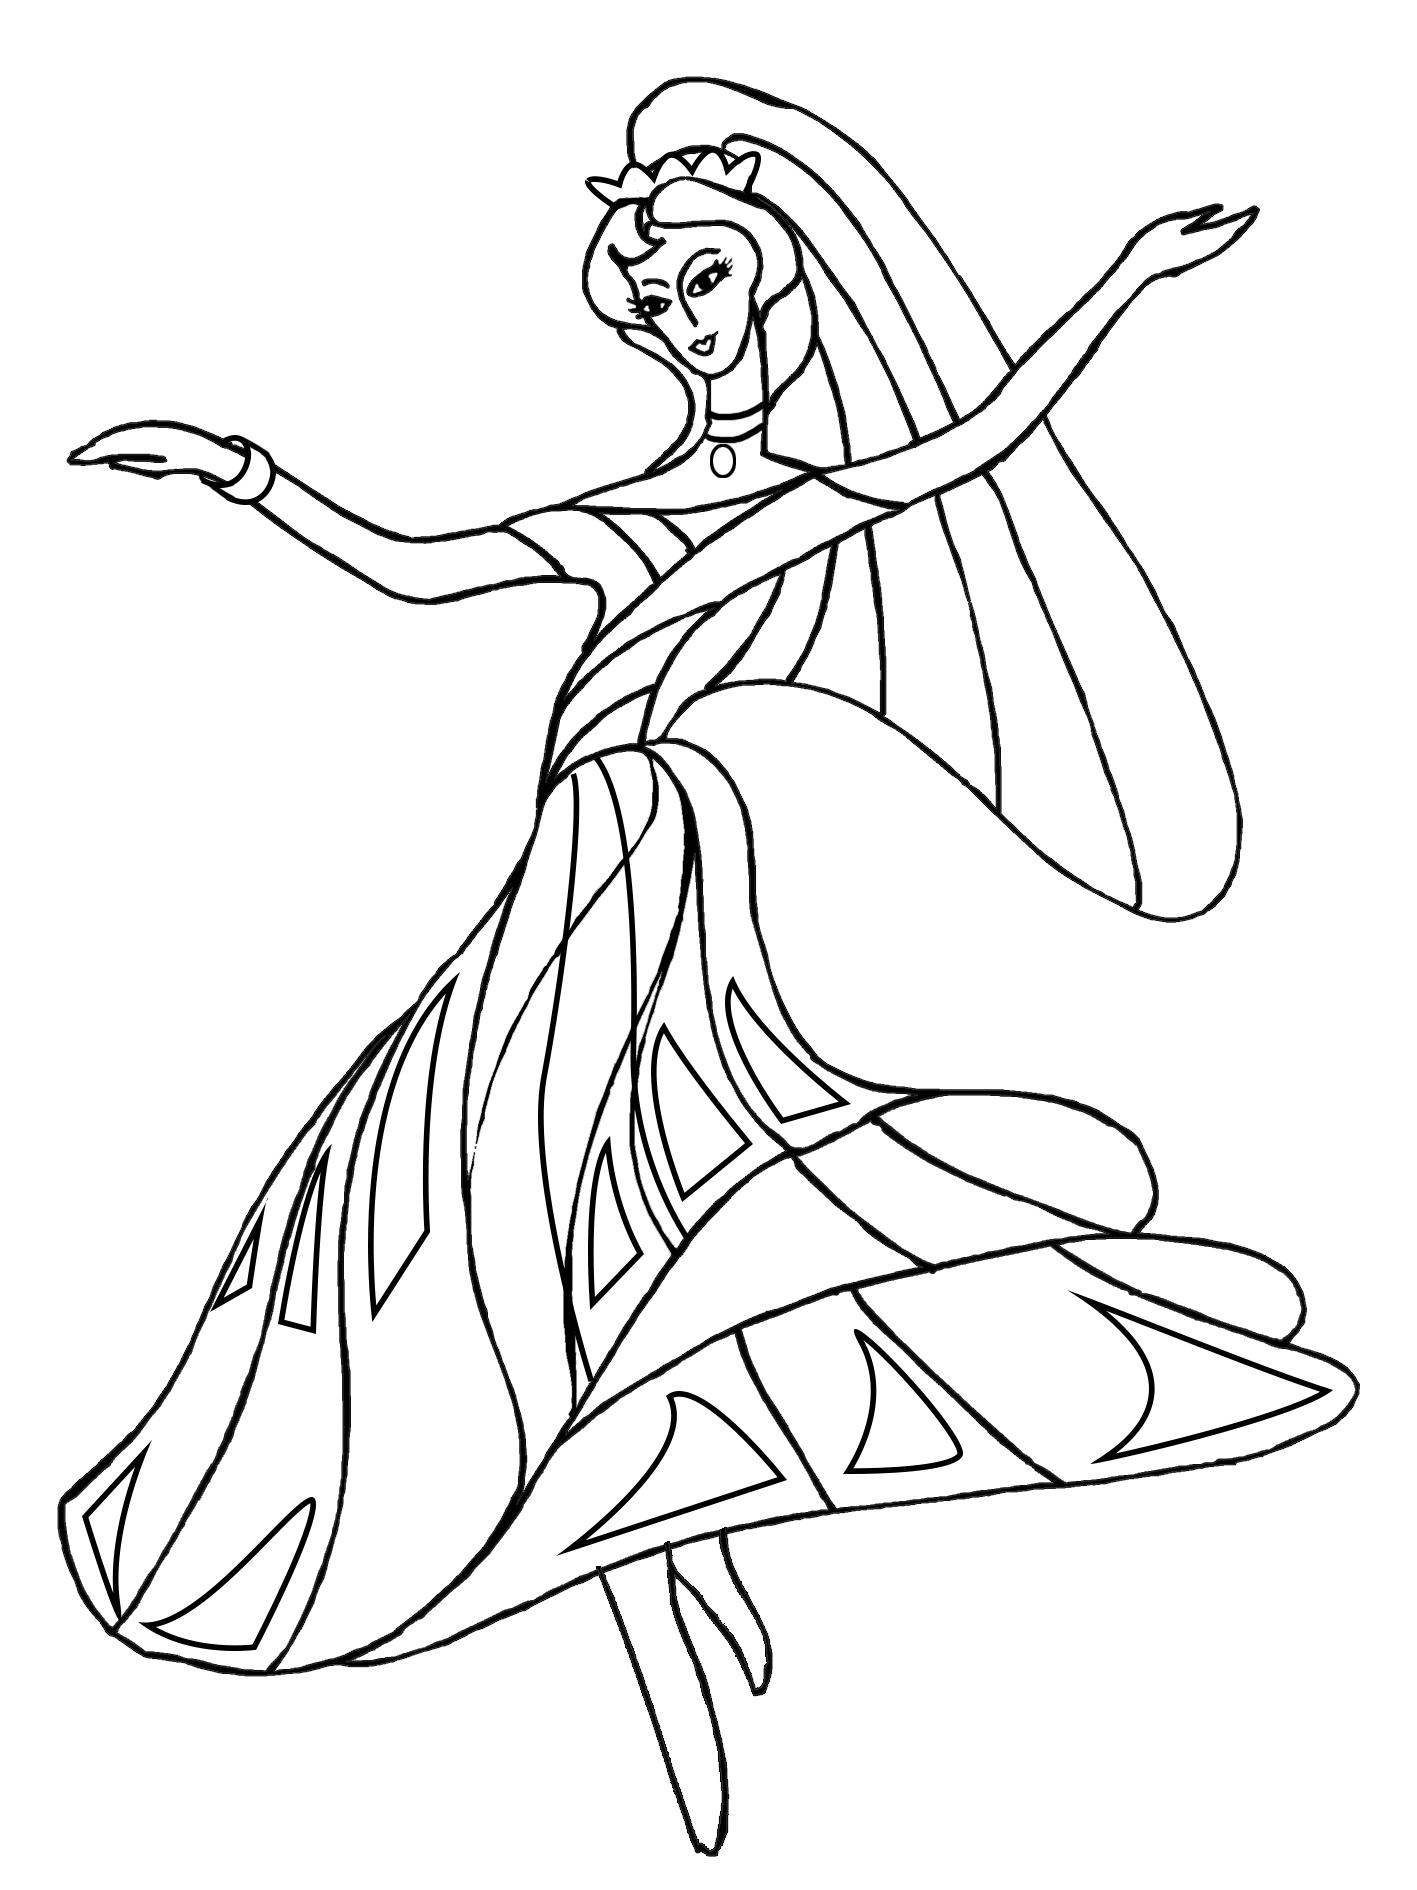 beautiful dancing princess for coloring